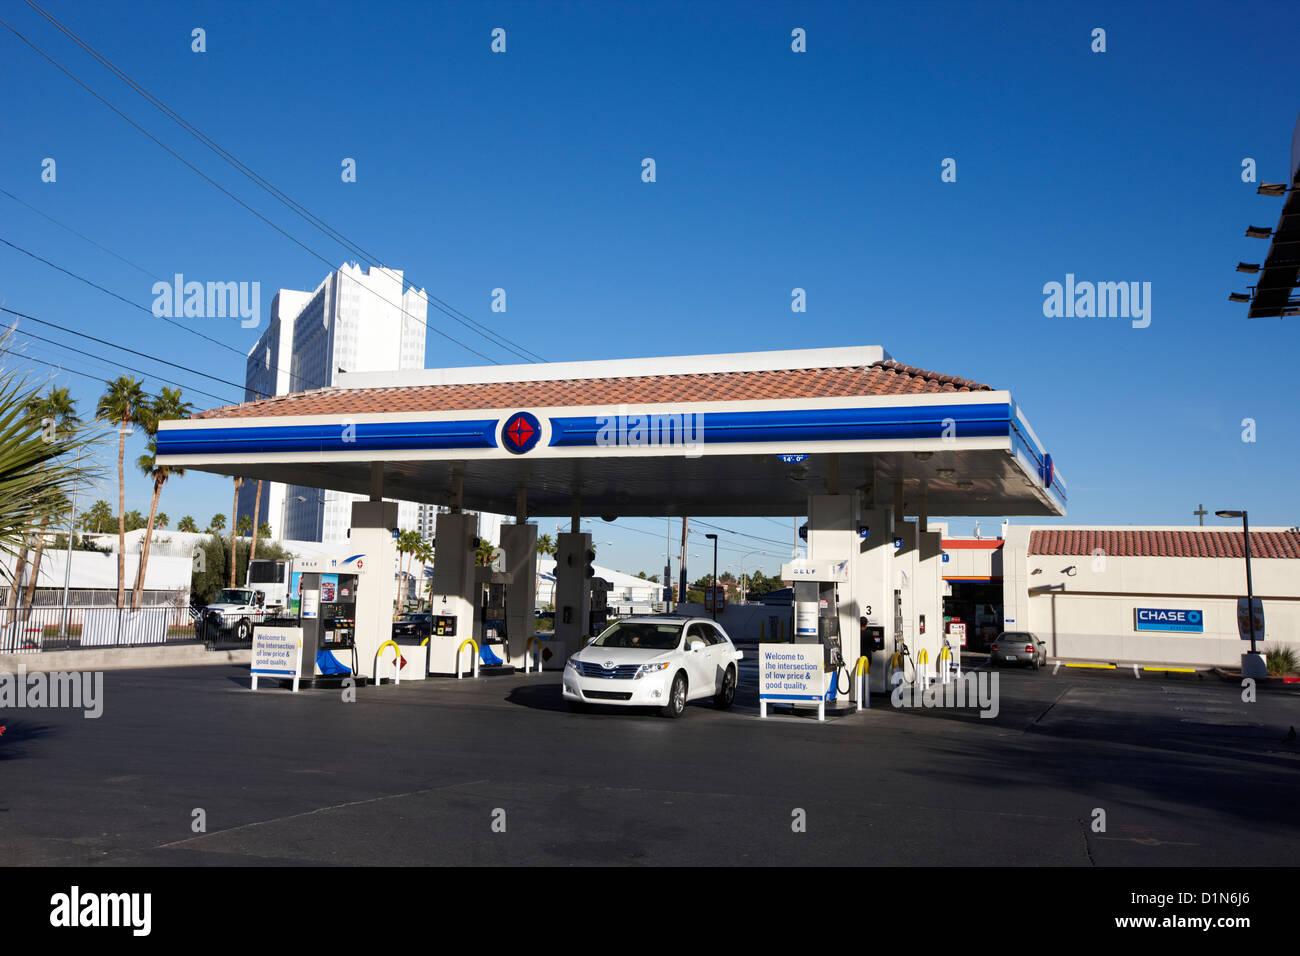 Atlantic Richfield company arco gas stazione carburante Las Vegas Nevada USA Immagini Stock